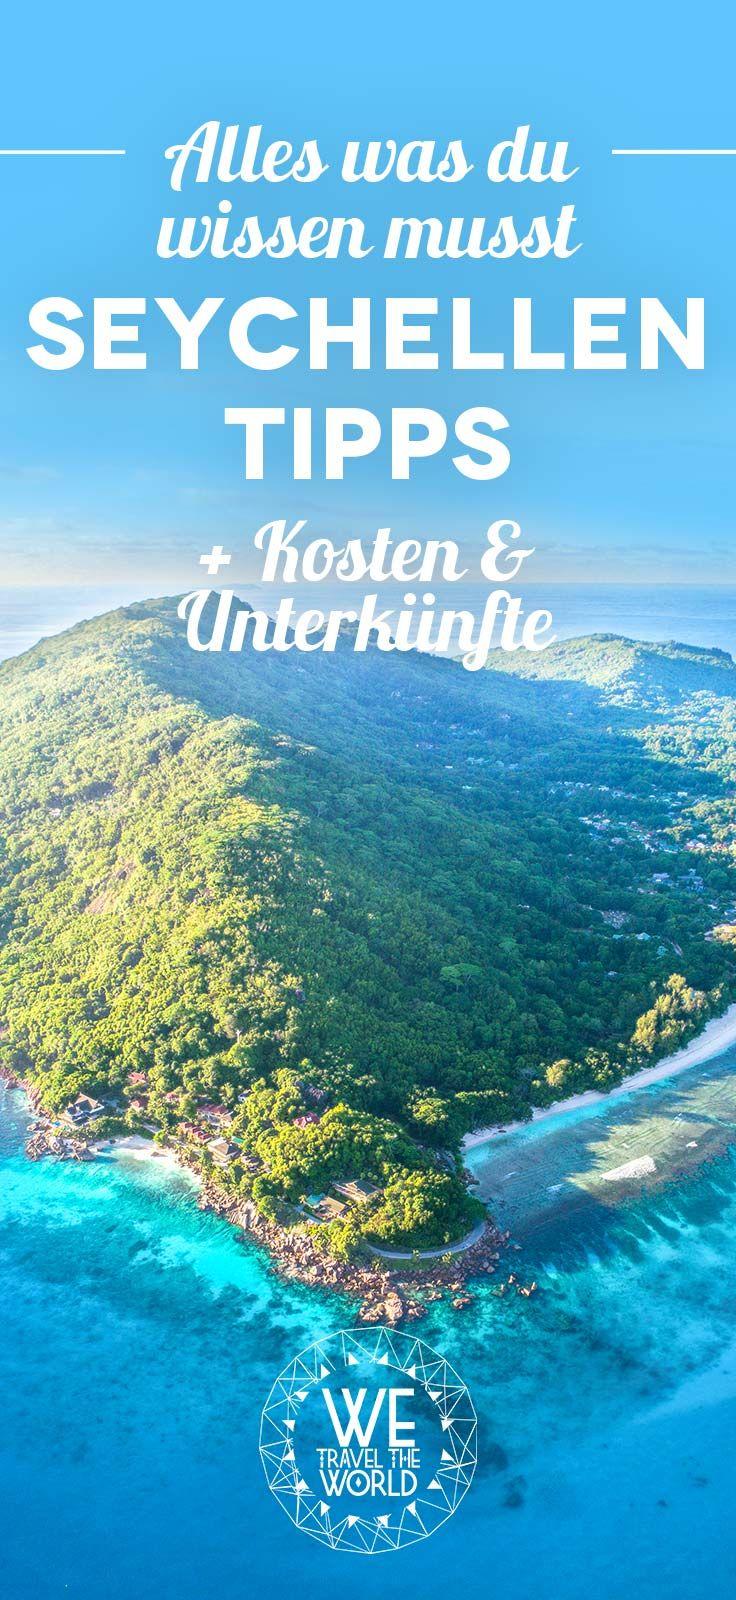 Seychellen Tipps: Alles was du für deinen Seychellen Urlaub wissen musst + Kosten für 8 Tage & Unterkünfte